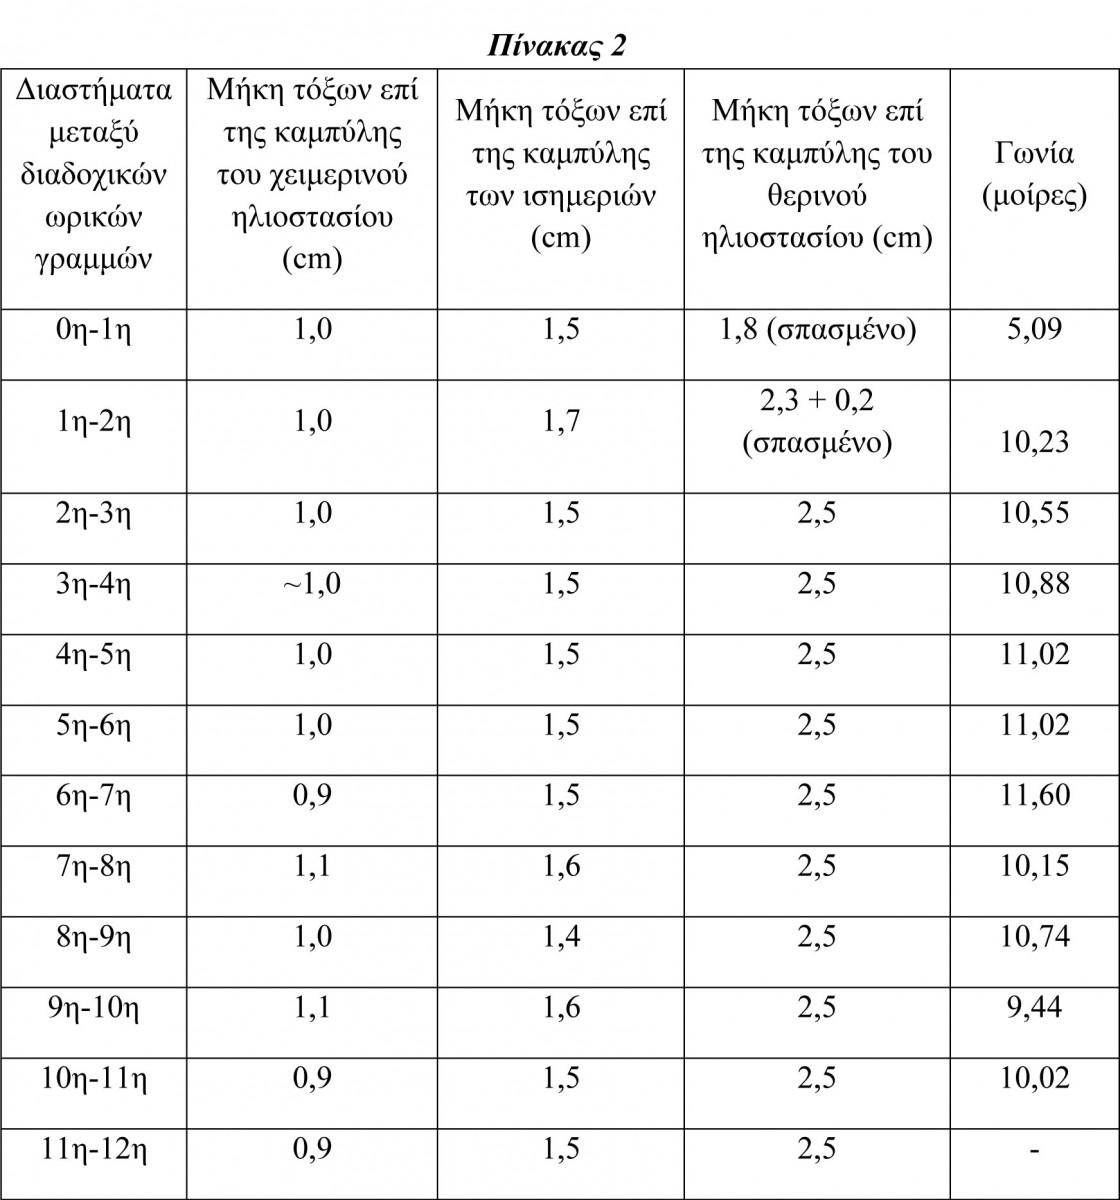 Πίν. 2. Μήκη τόξων επί των καμπυλών του ηλιακού ωρολογίου του Αρχαιολογικού Μουσείου Πειραιά με αριθμό ευρετηρίου ΜΠ 1131.